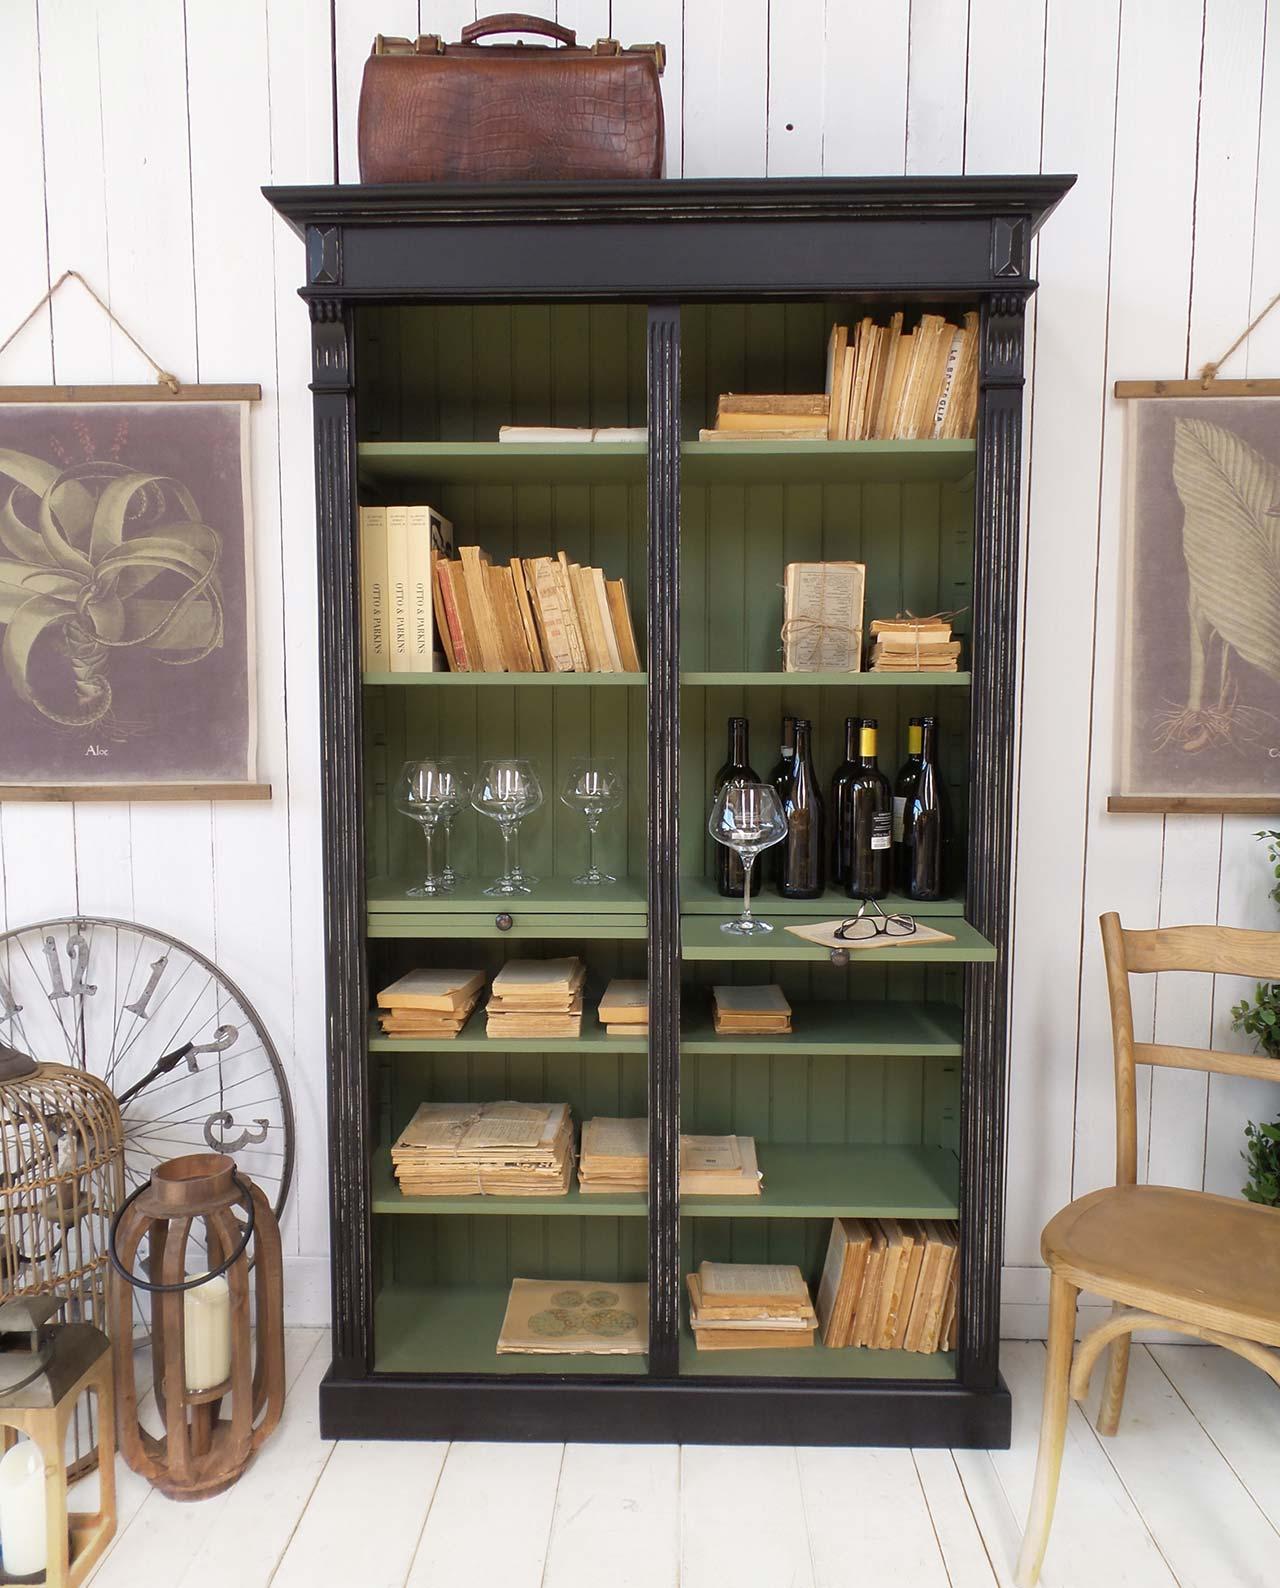 Libreria midtown park in legno nero anticato e verde mobilia store home favours - Libreria verde ...